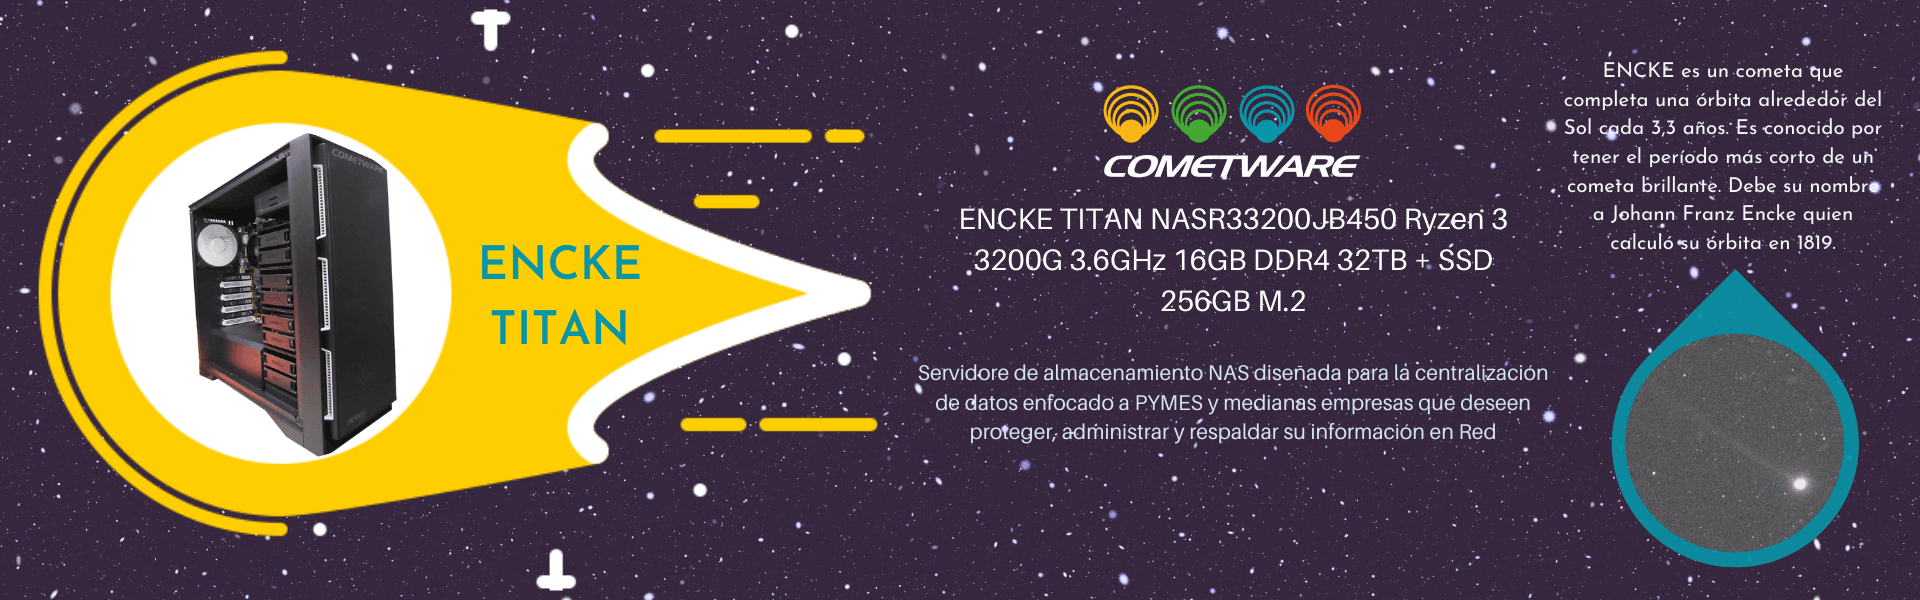 Cometware Encke Titan